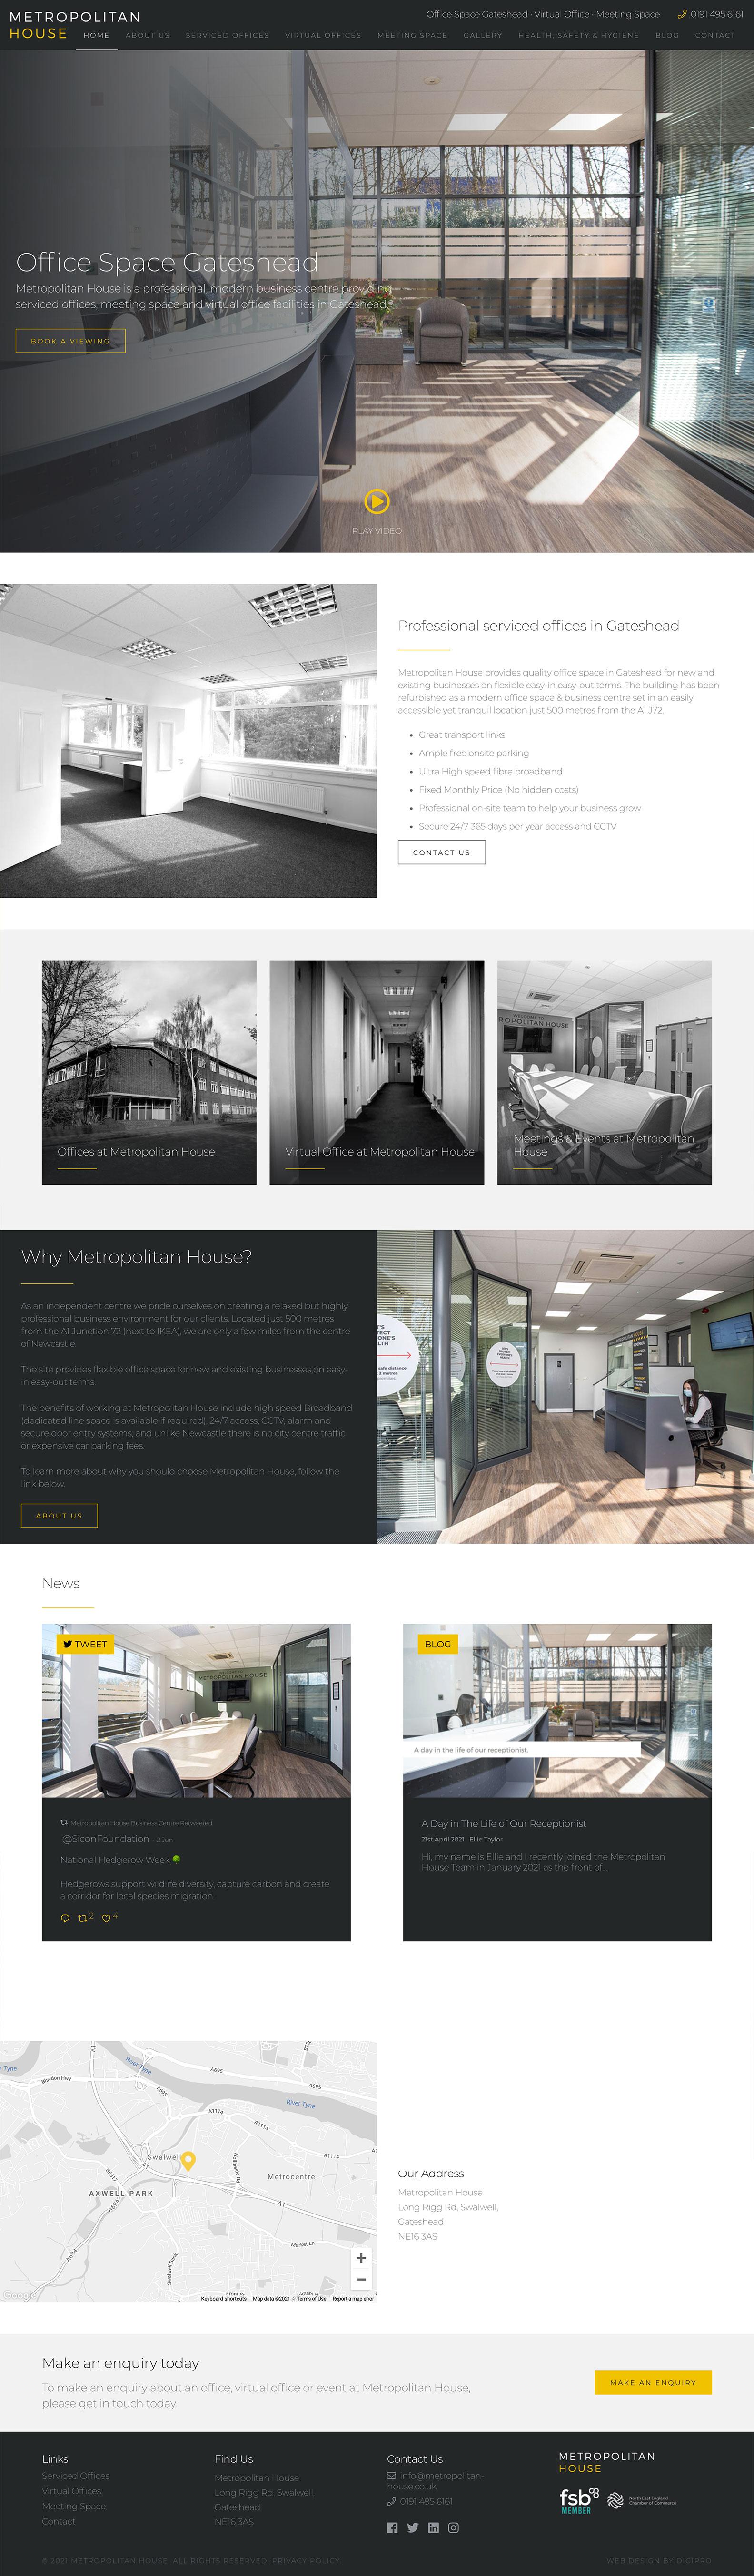 Met House - Desktop